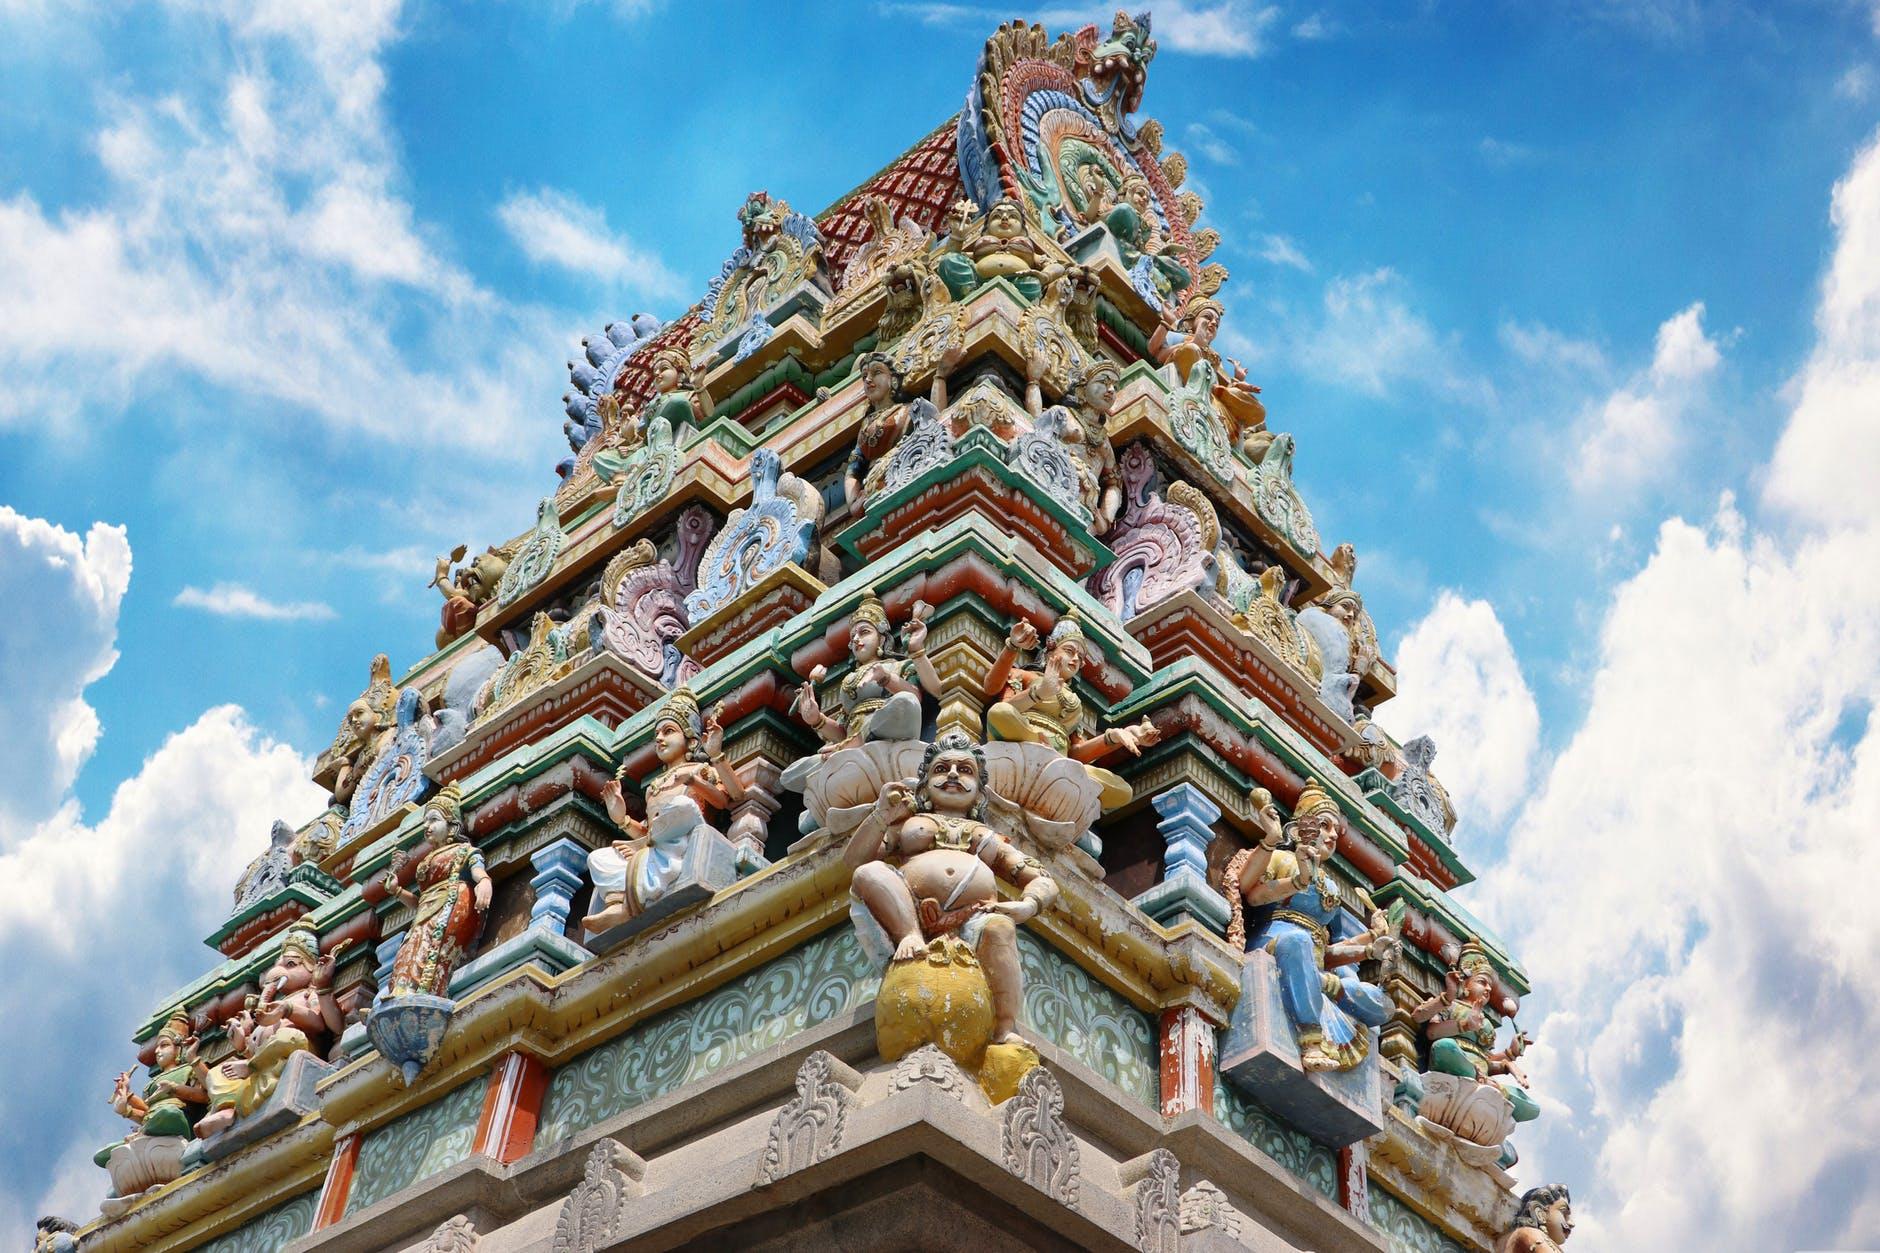 Ταξίδι στην Ινδία με το Taza Travel